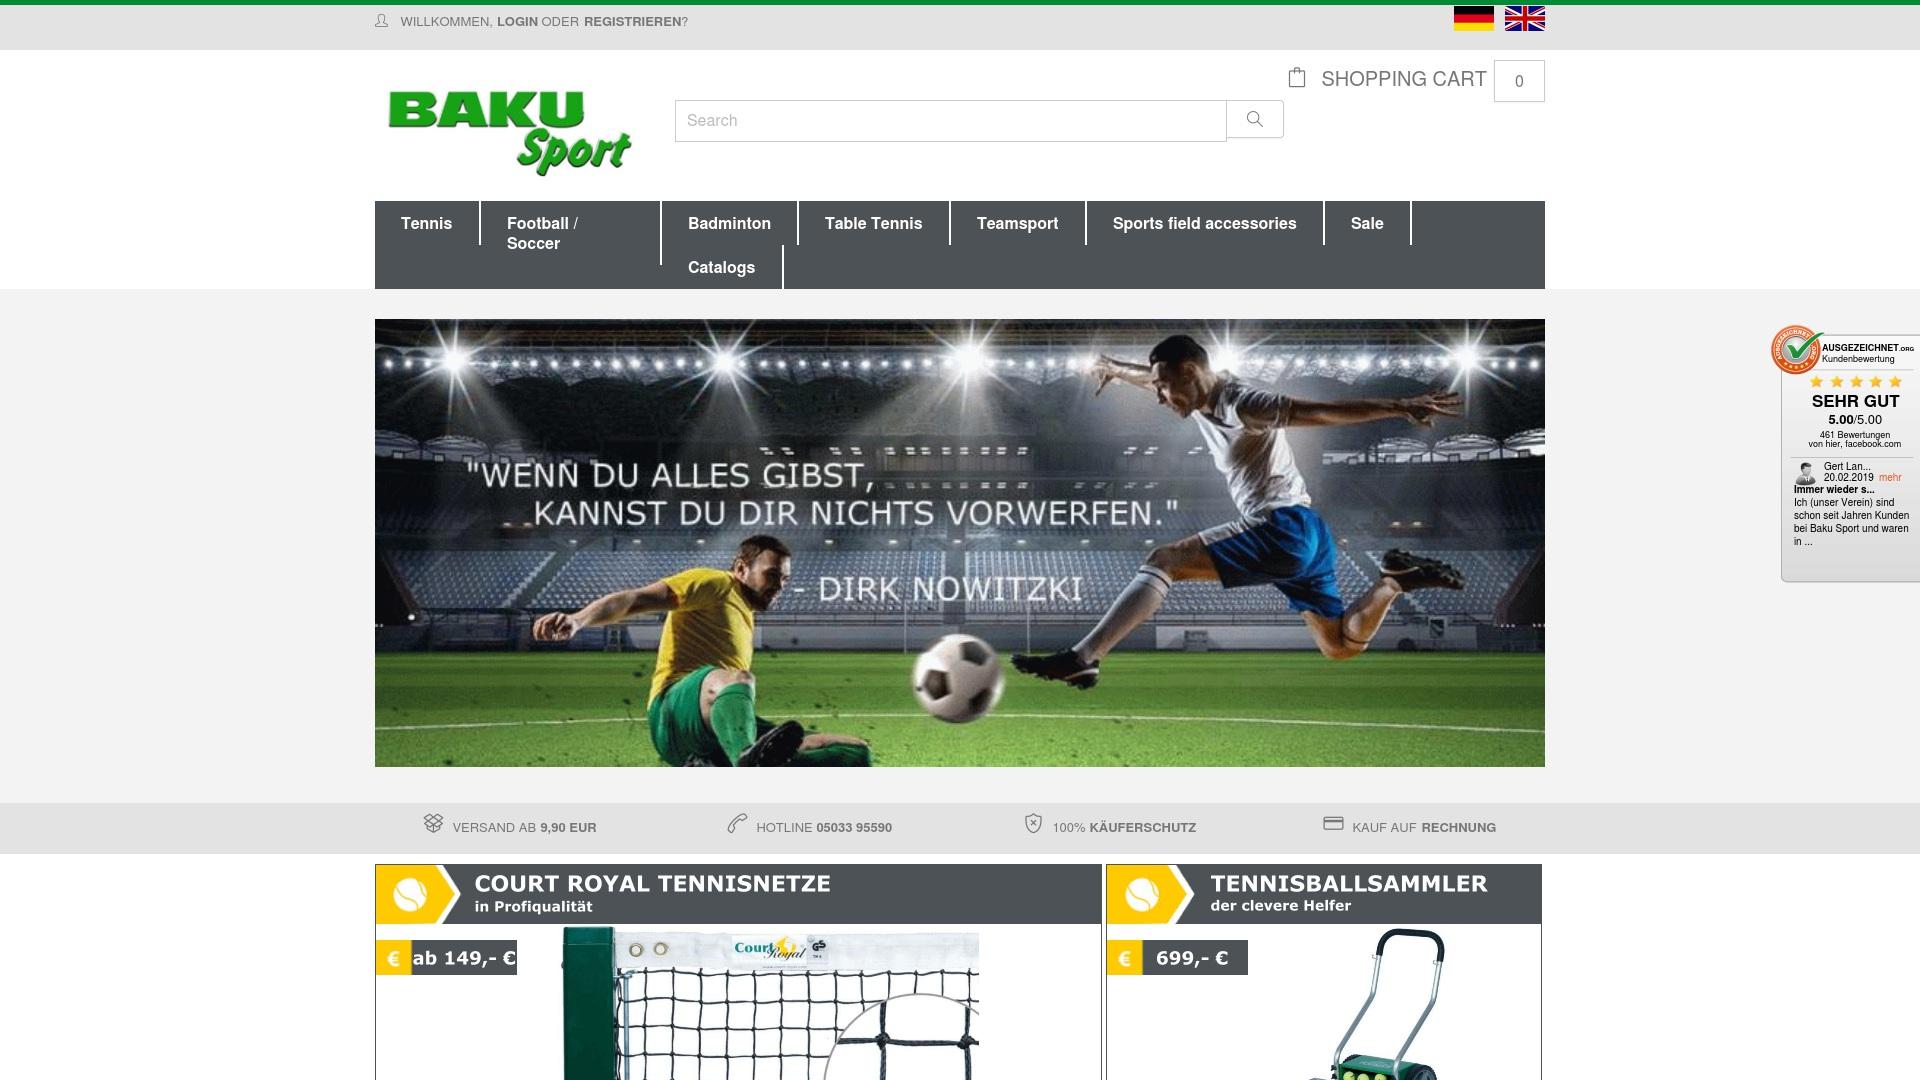 Gutschein für Baku-sport: Rabatte für  Baku-sport sichern